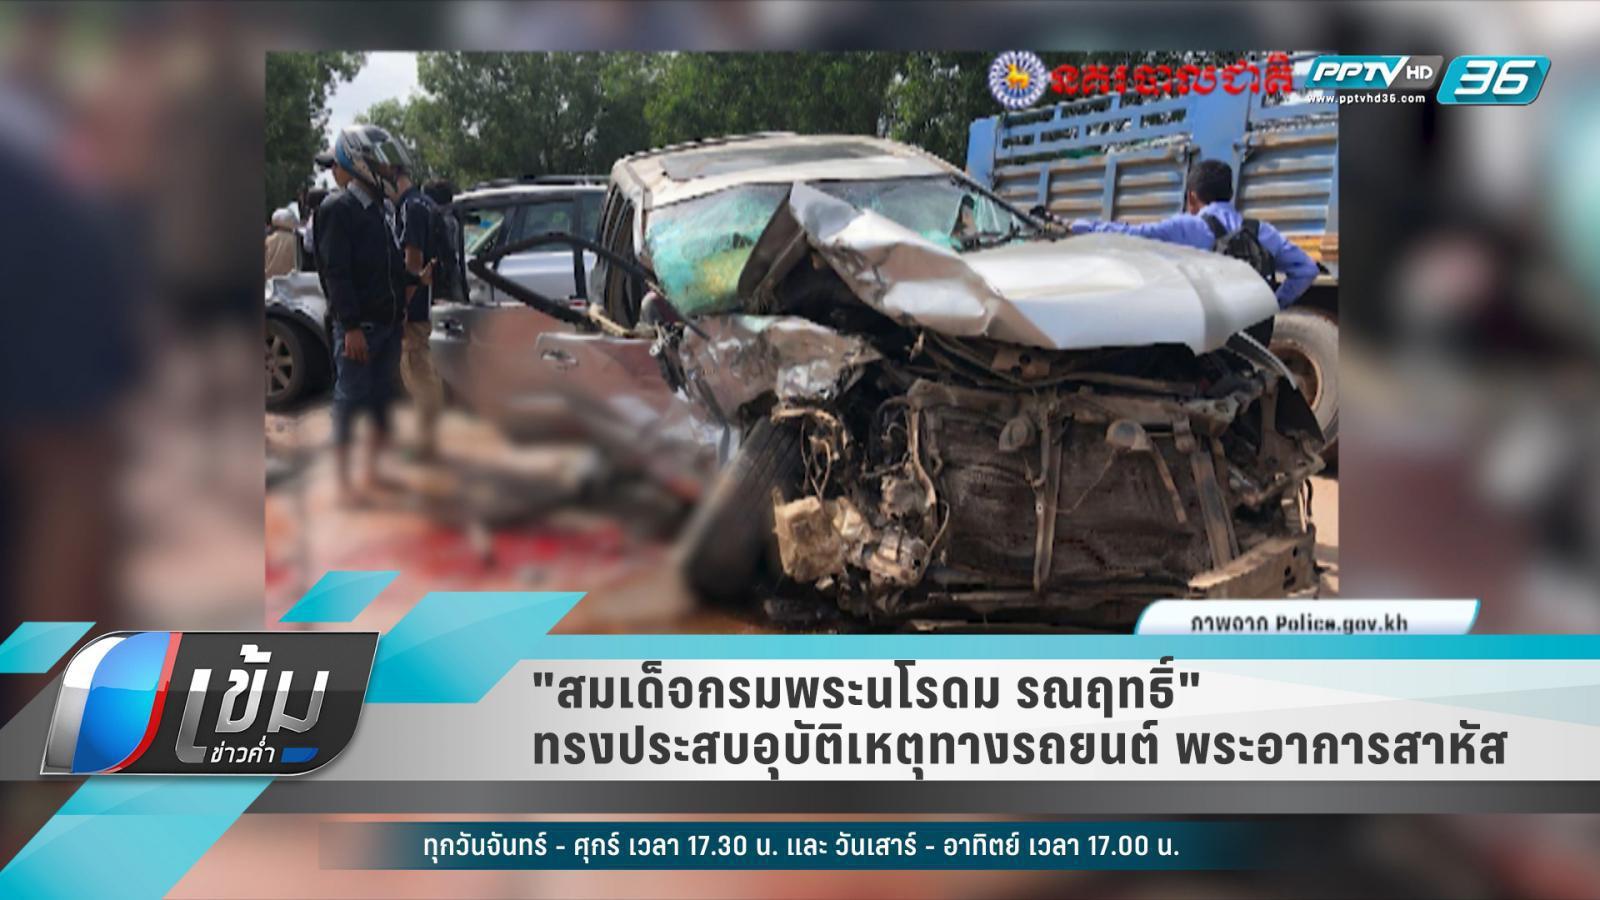 """""""สมเด็จกรมพระนโรดม รณฤทธิ์"""" ทรงประสบอุบัติเหตุทางรถยนต์ พระอาการสาหัส"""